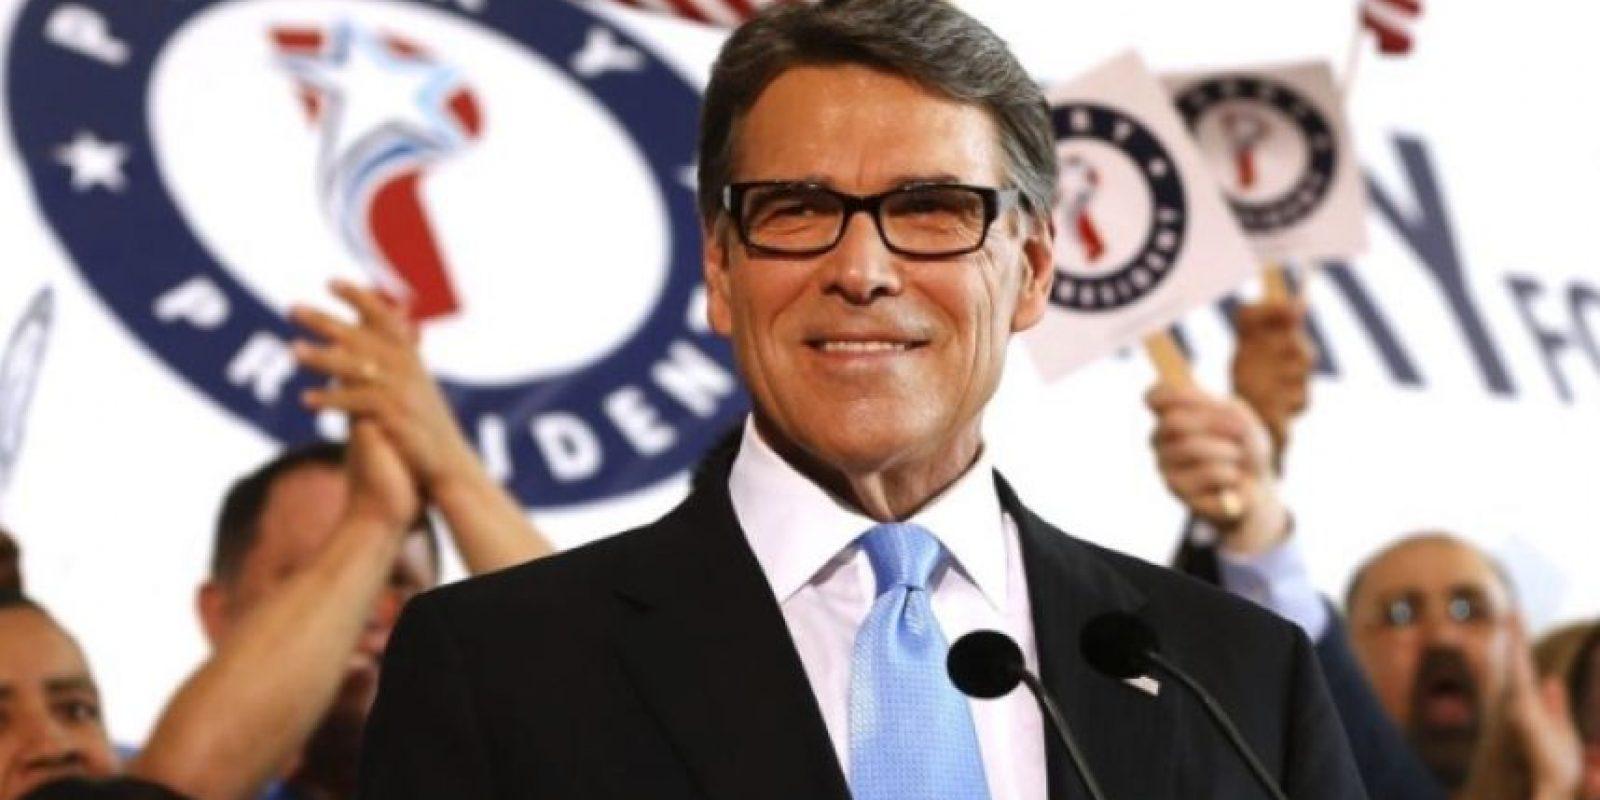 """""""Me postularé para presidente de los Estaods Unidos"""", comentó el exgobernador de Texas Foto:Getty Images"""